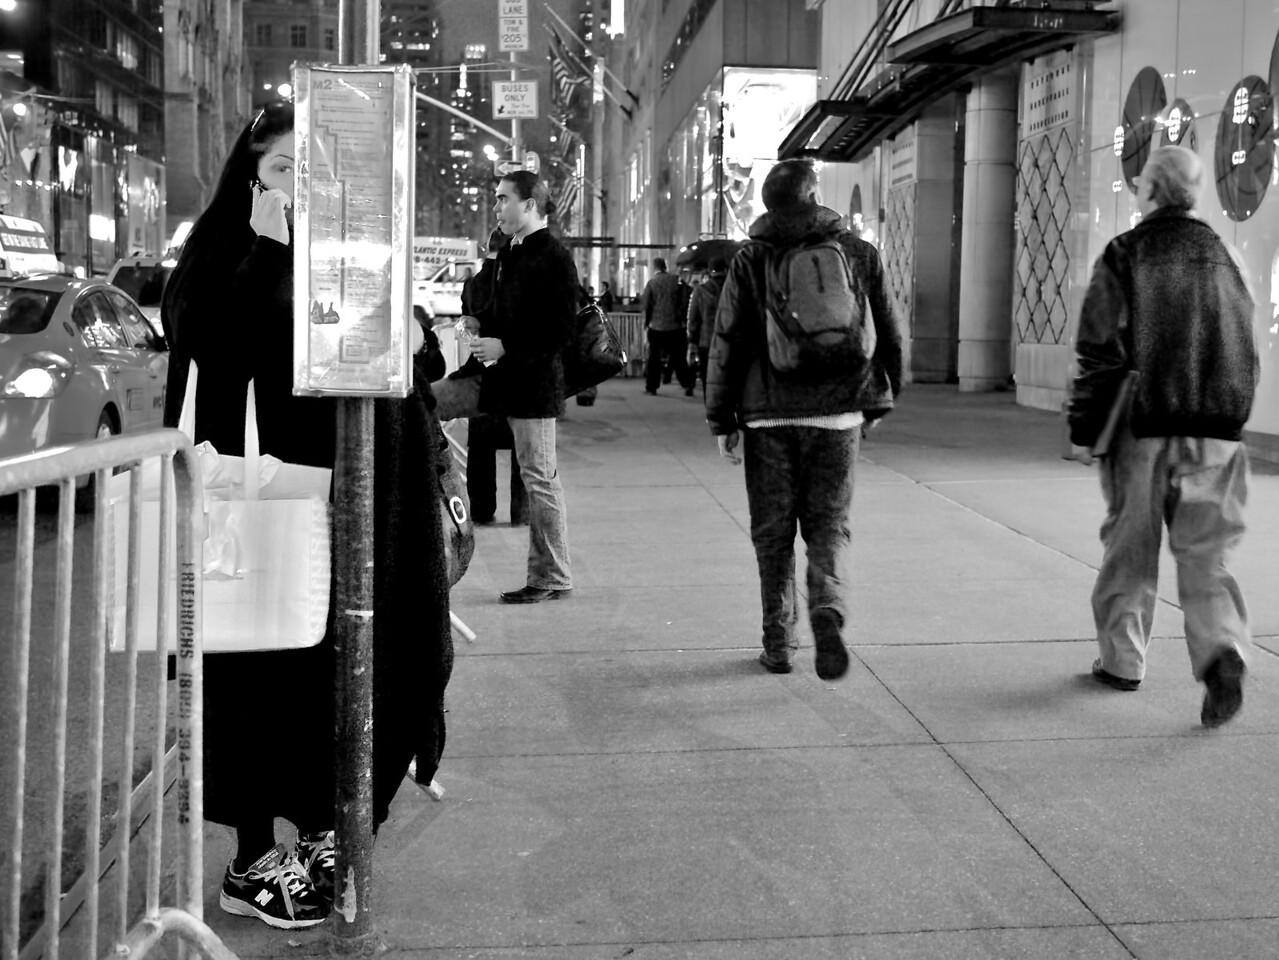 Bus Stop No. 100